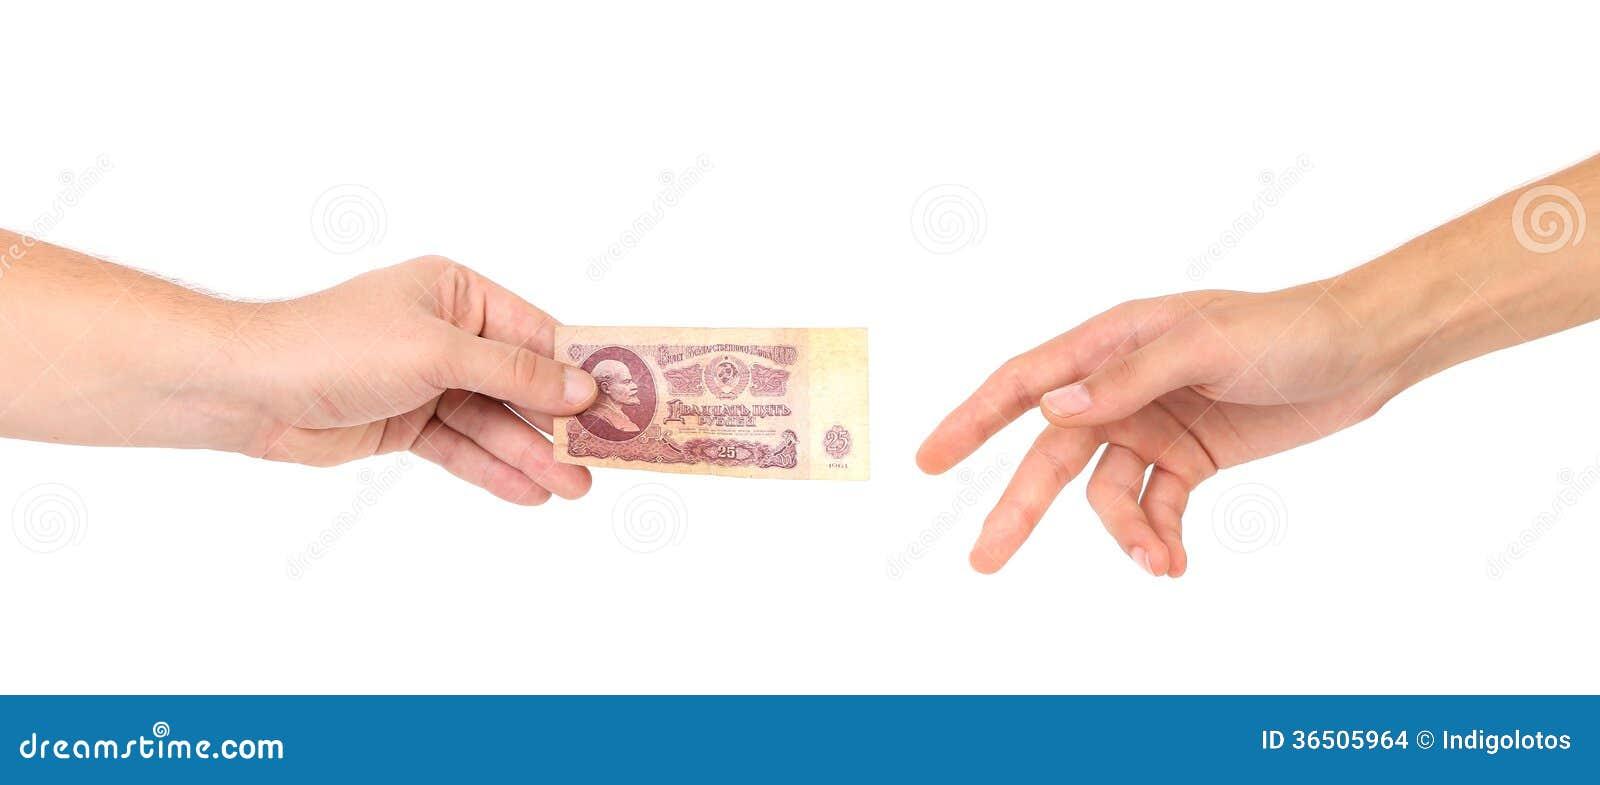 50 рублей в руках.